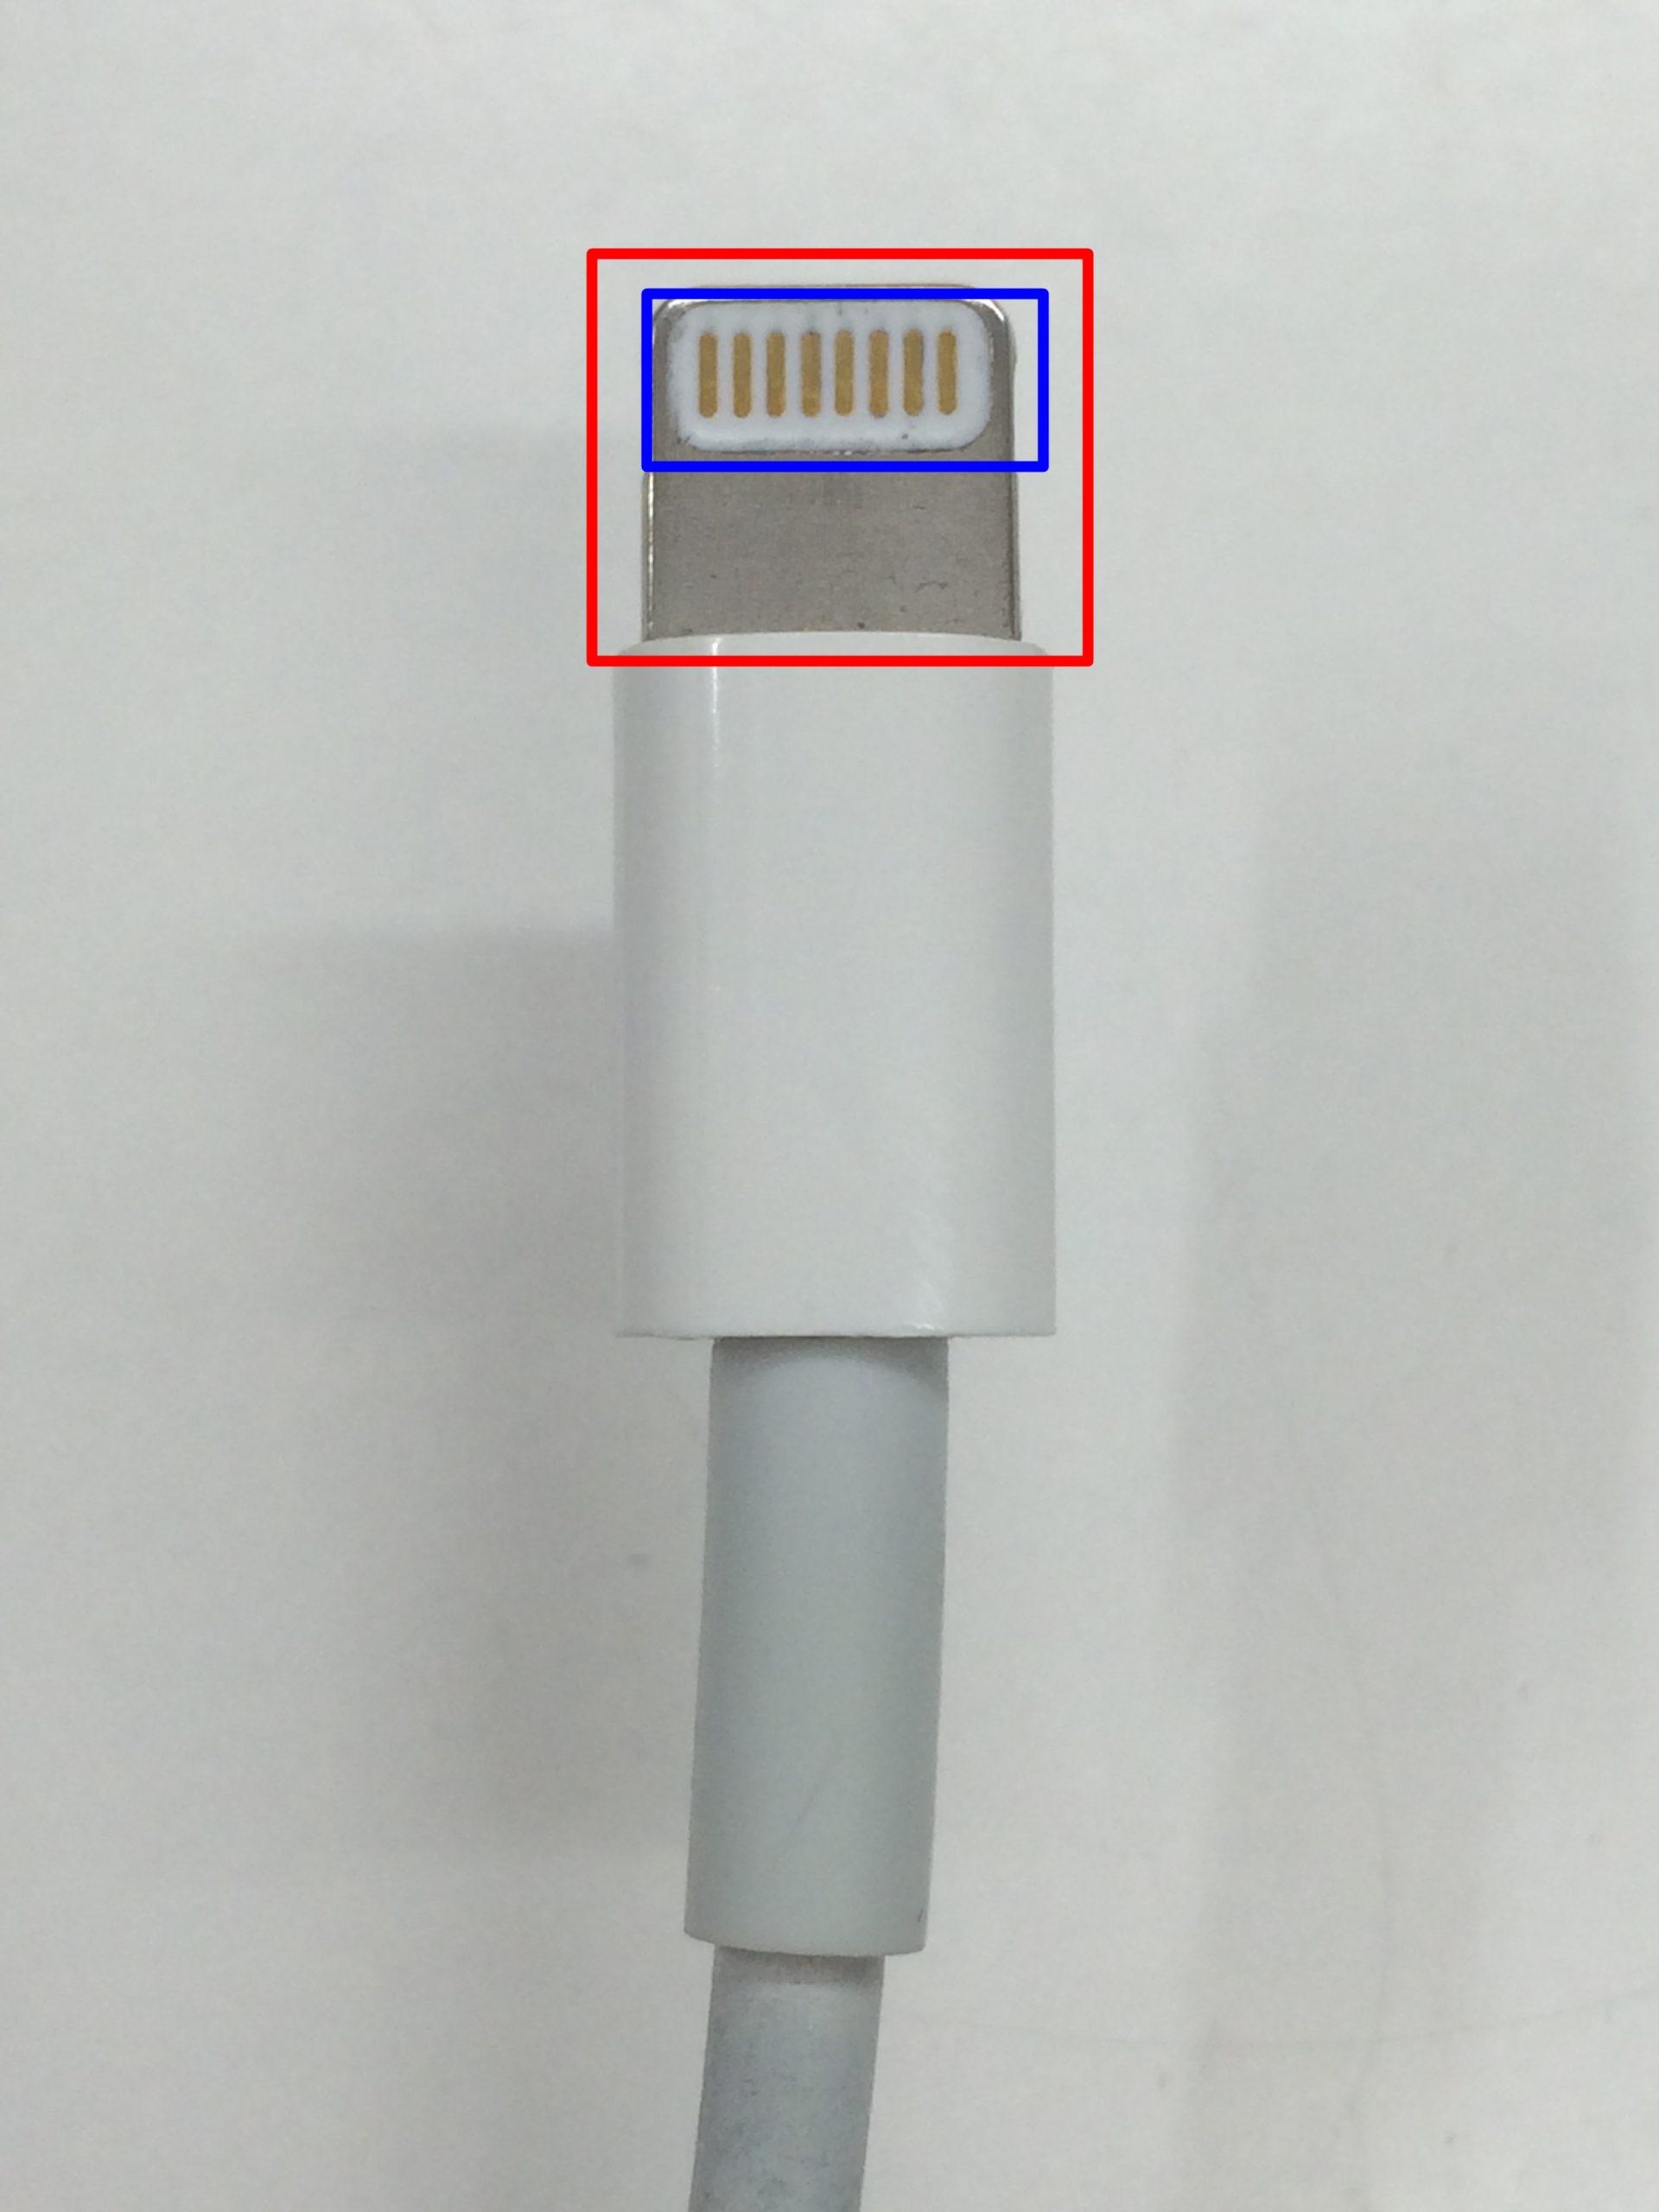 充電器の折れやすい位置を示した様子